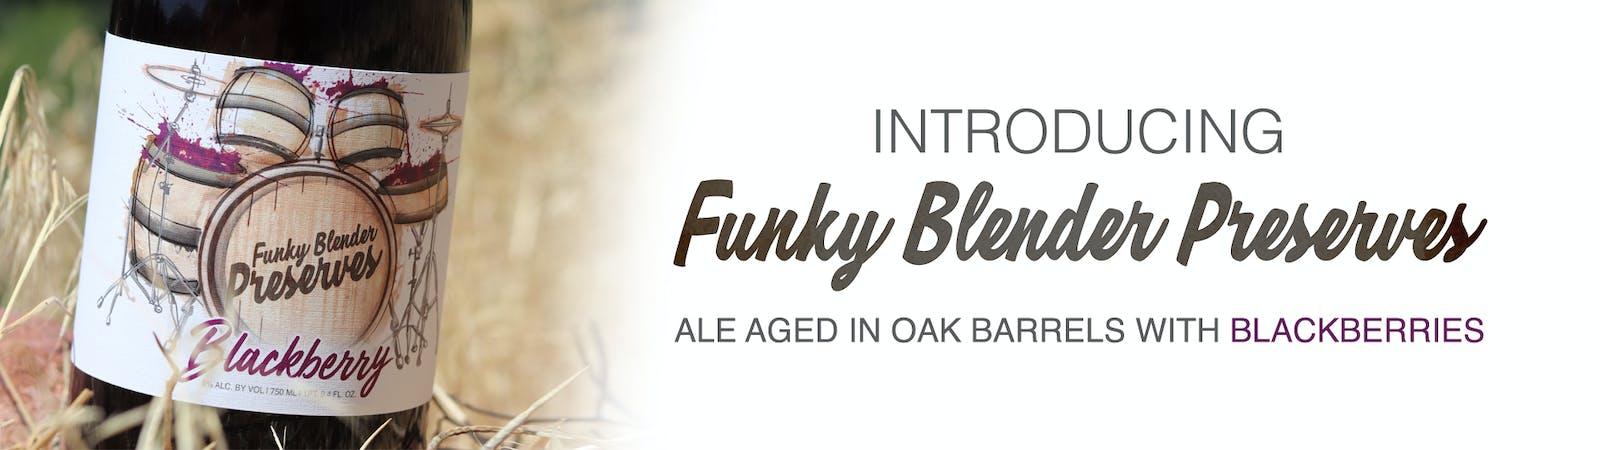 Funky Blender Label Reveal_Header Image for Blog